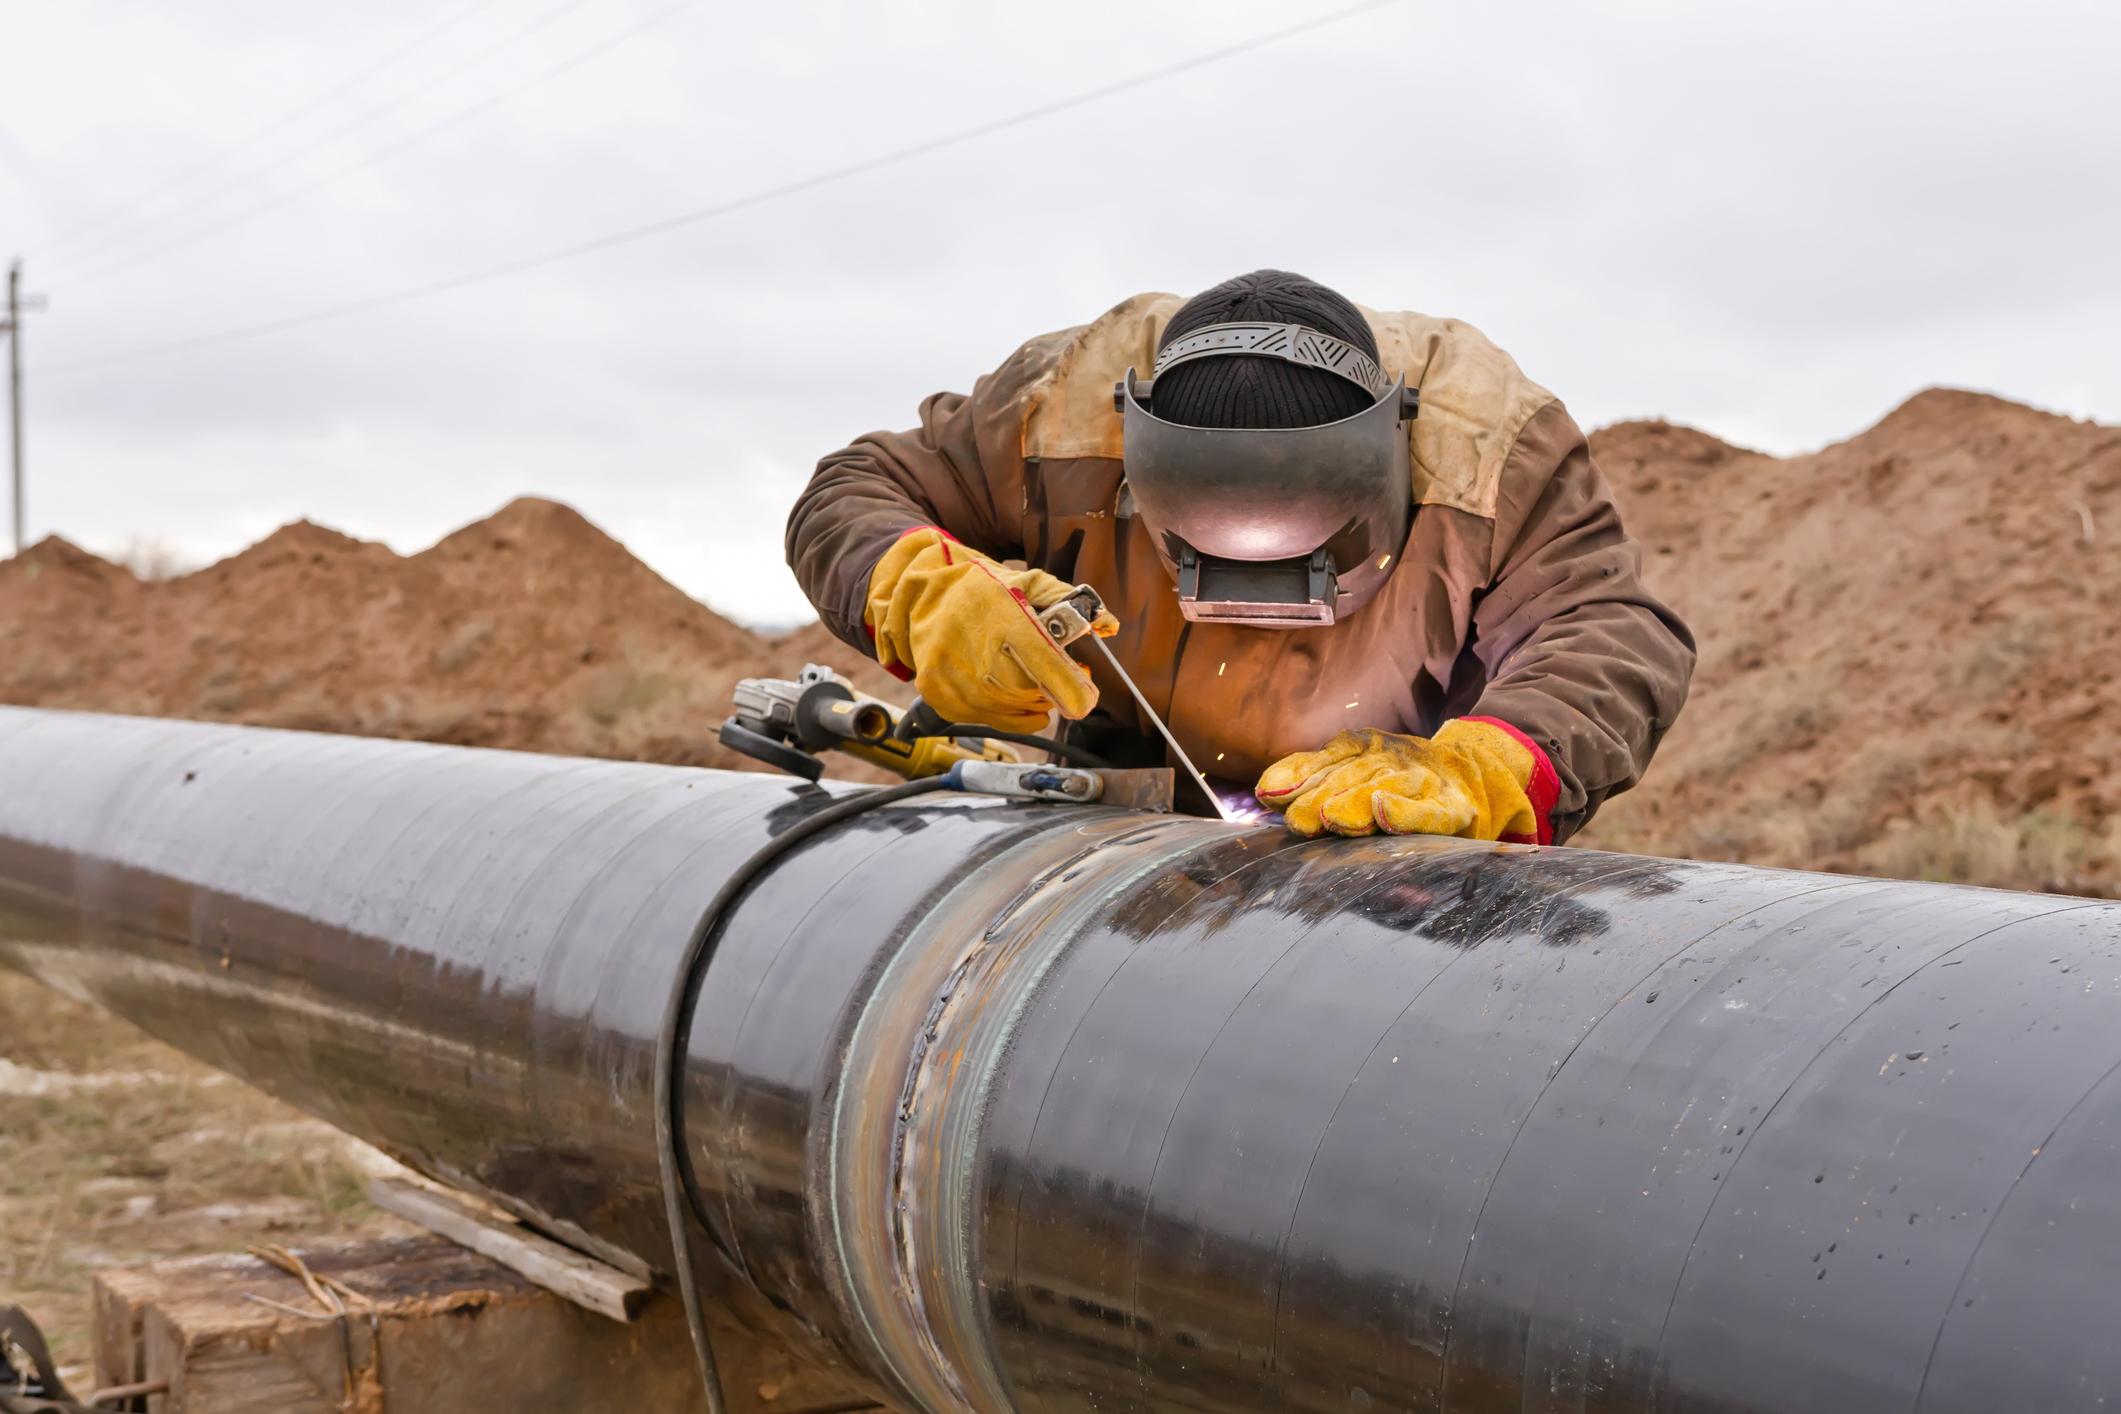 A man welding an oil pipeline in daylight